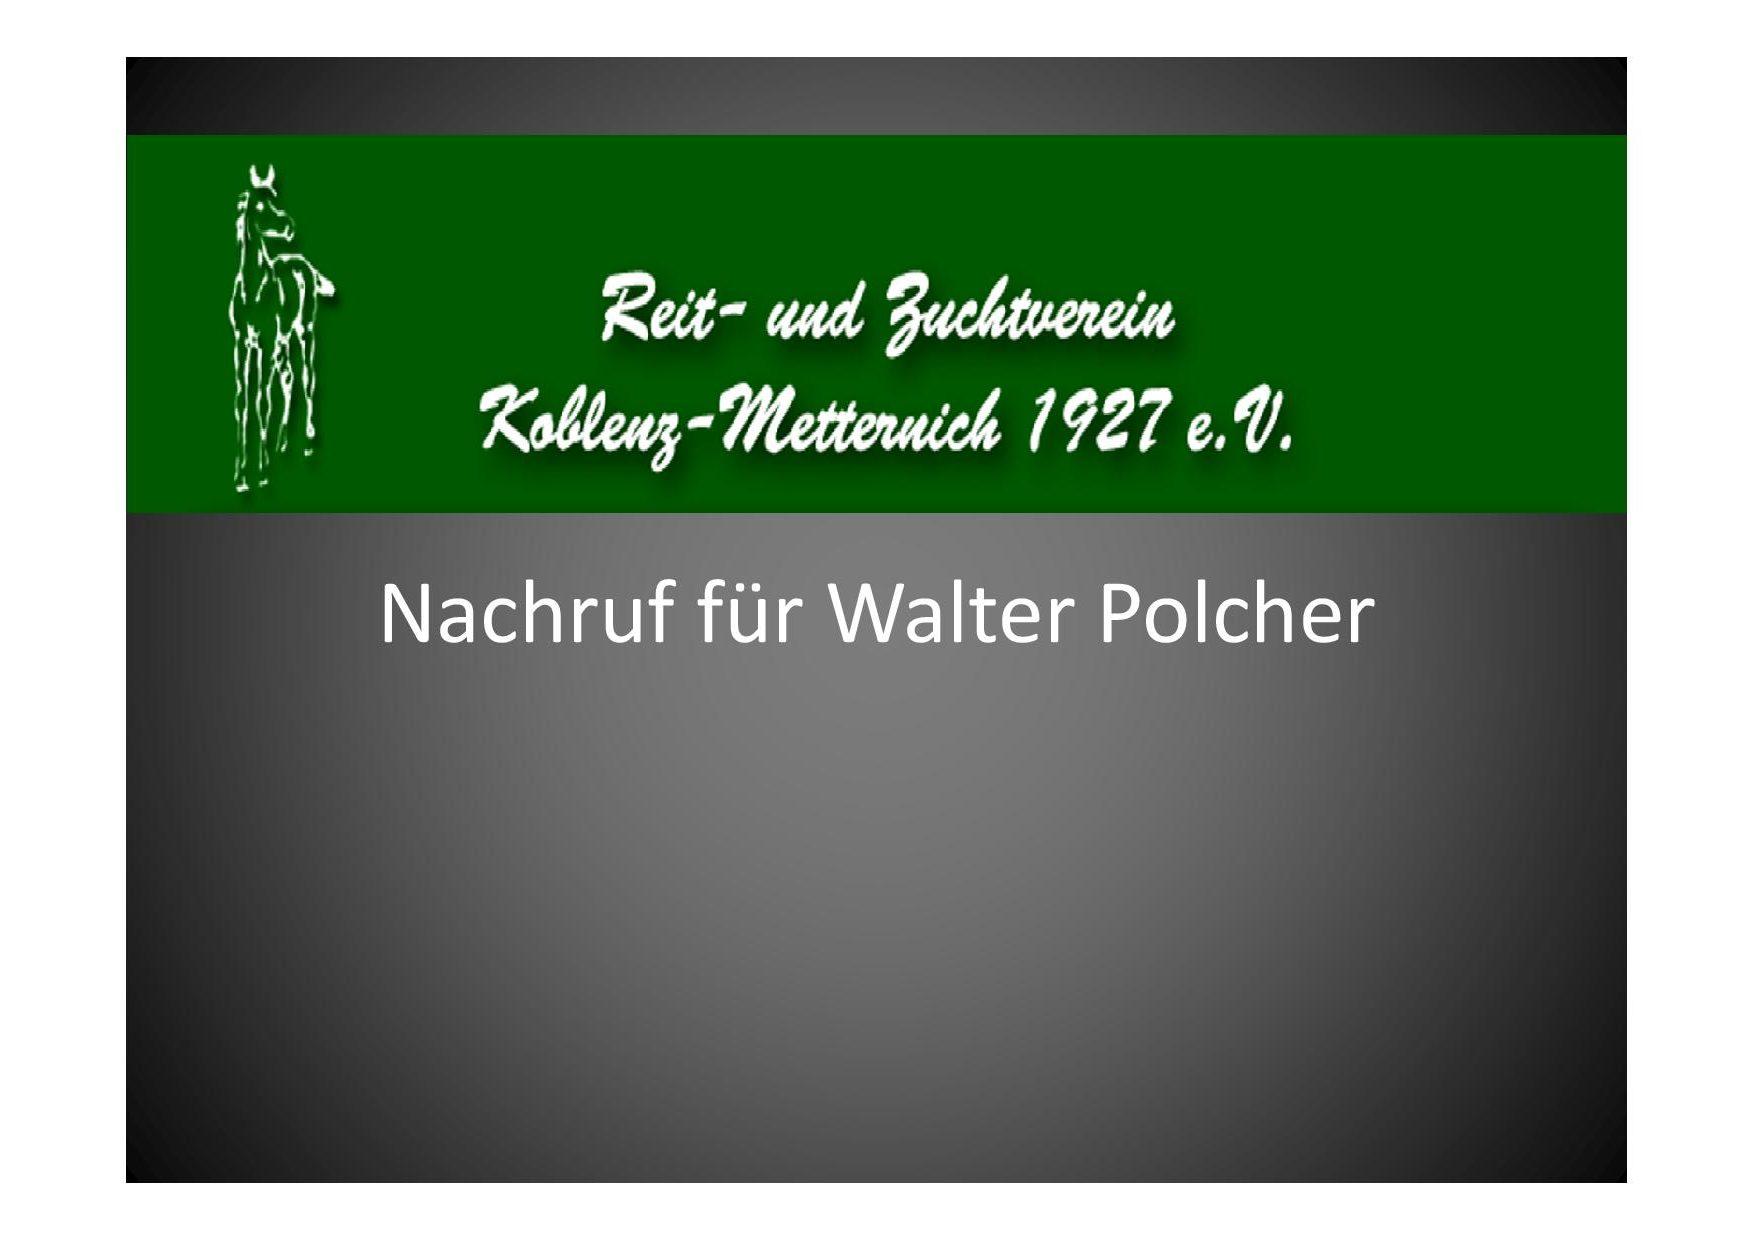 Nachruf für Walter Polcher